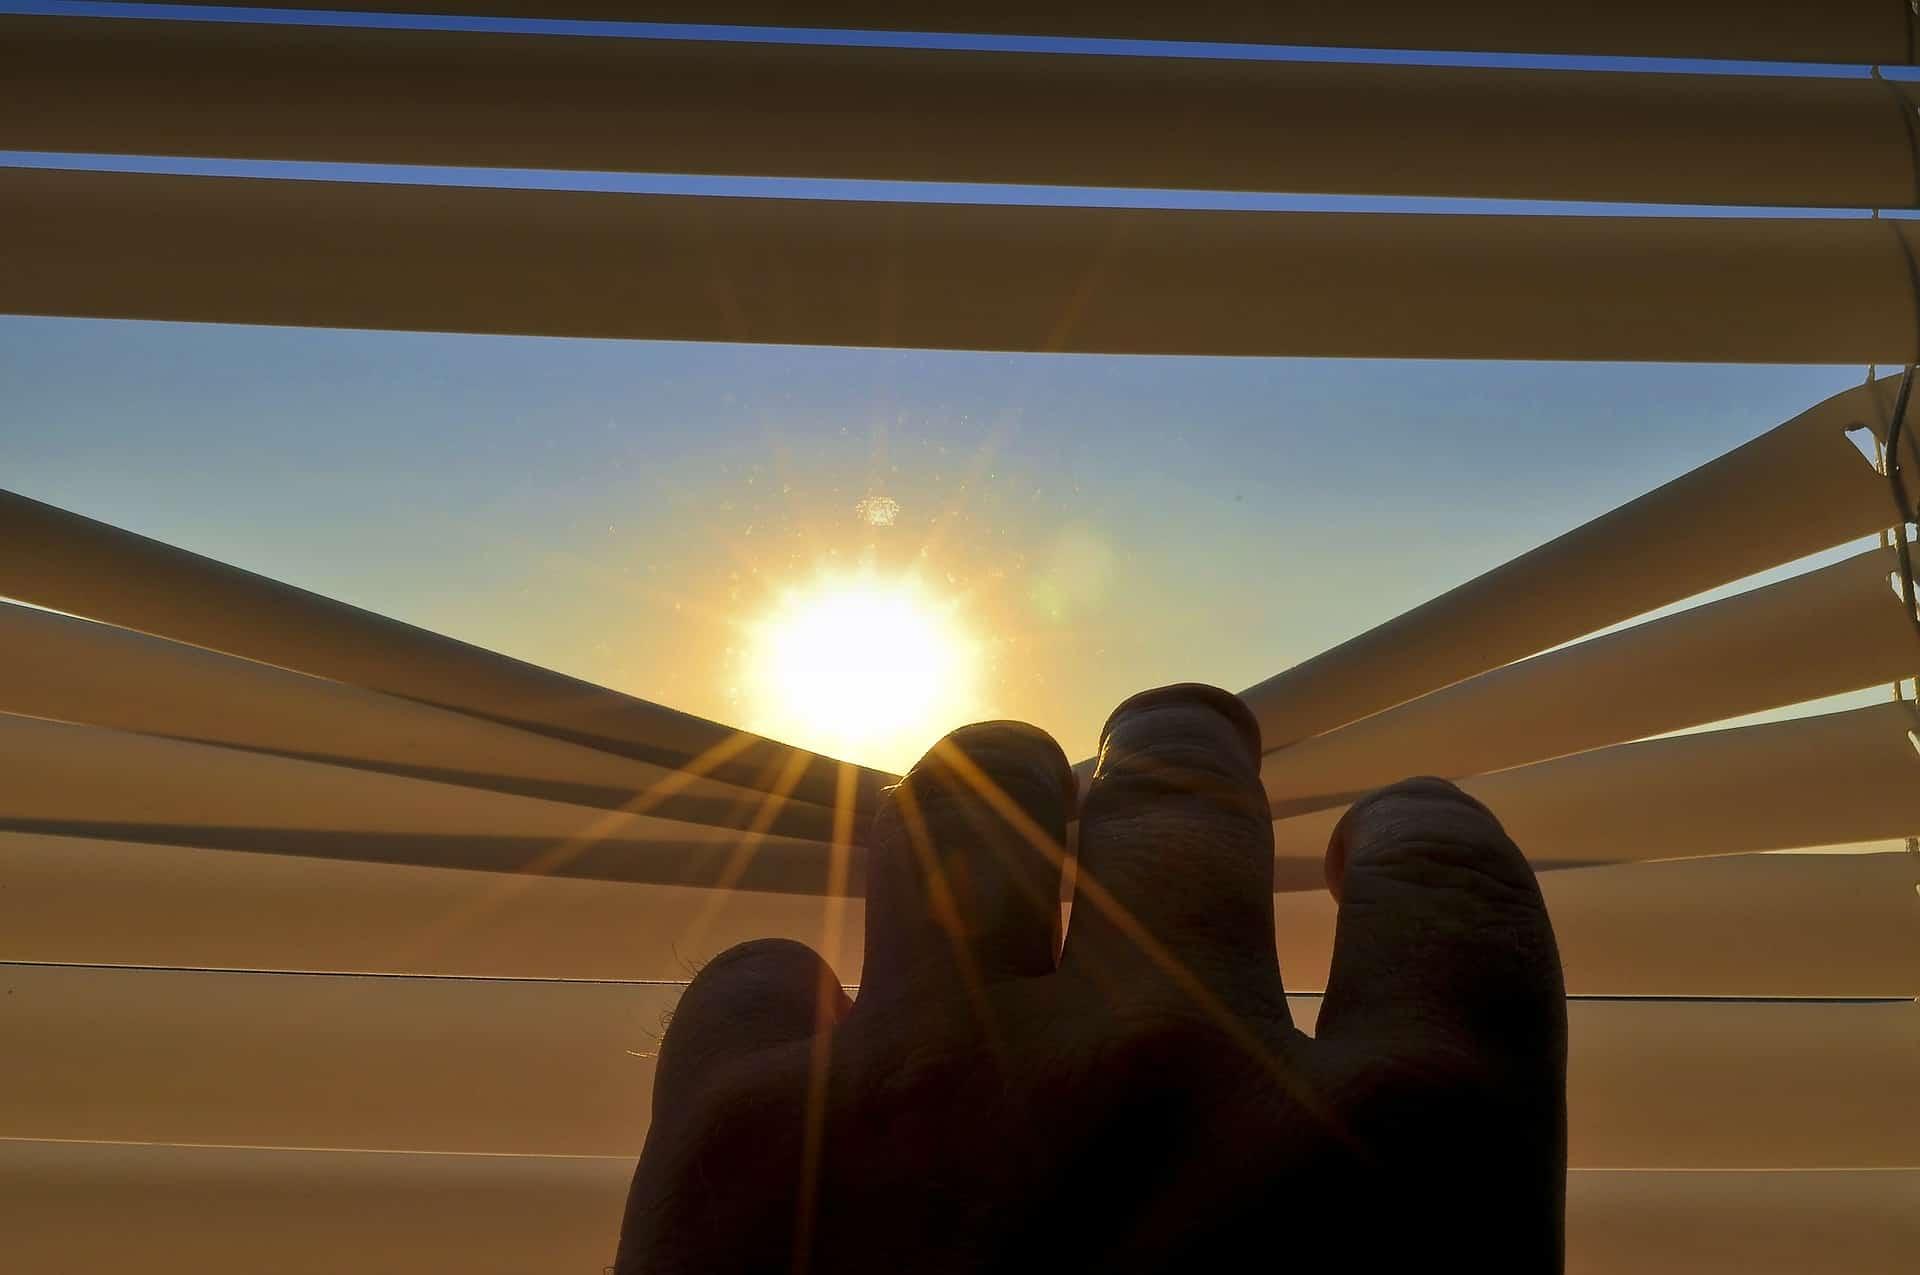 Imagem mão abrindo parcialmente um persiana para observar o sol.